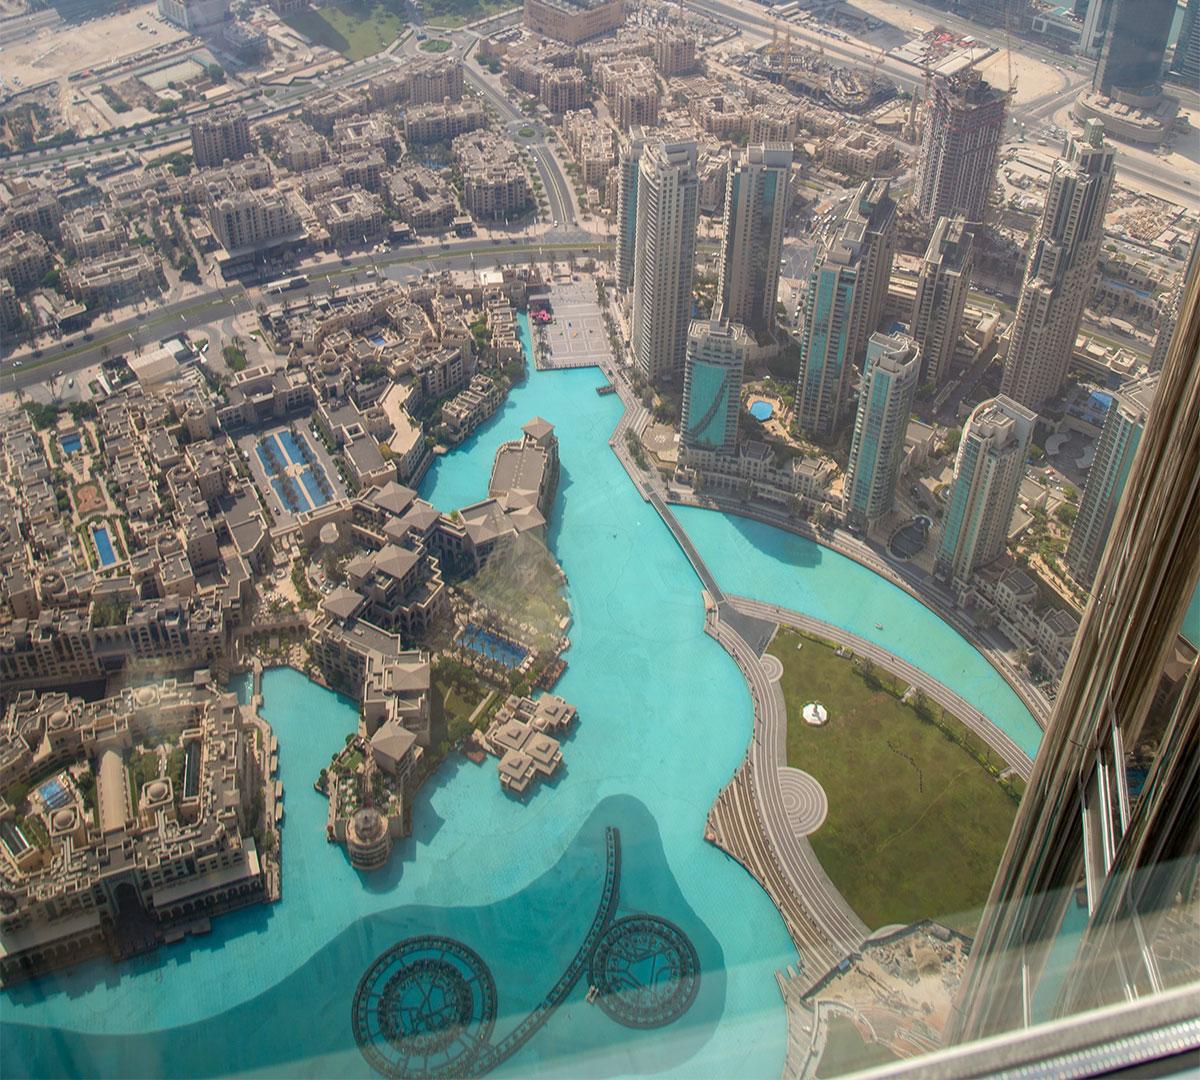 Прямо у южного подножия гигантского здания Бурдж Халифа находится пруд Дубайского фонтана, виден даже узор линий и кругов его гидромониторов.